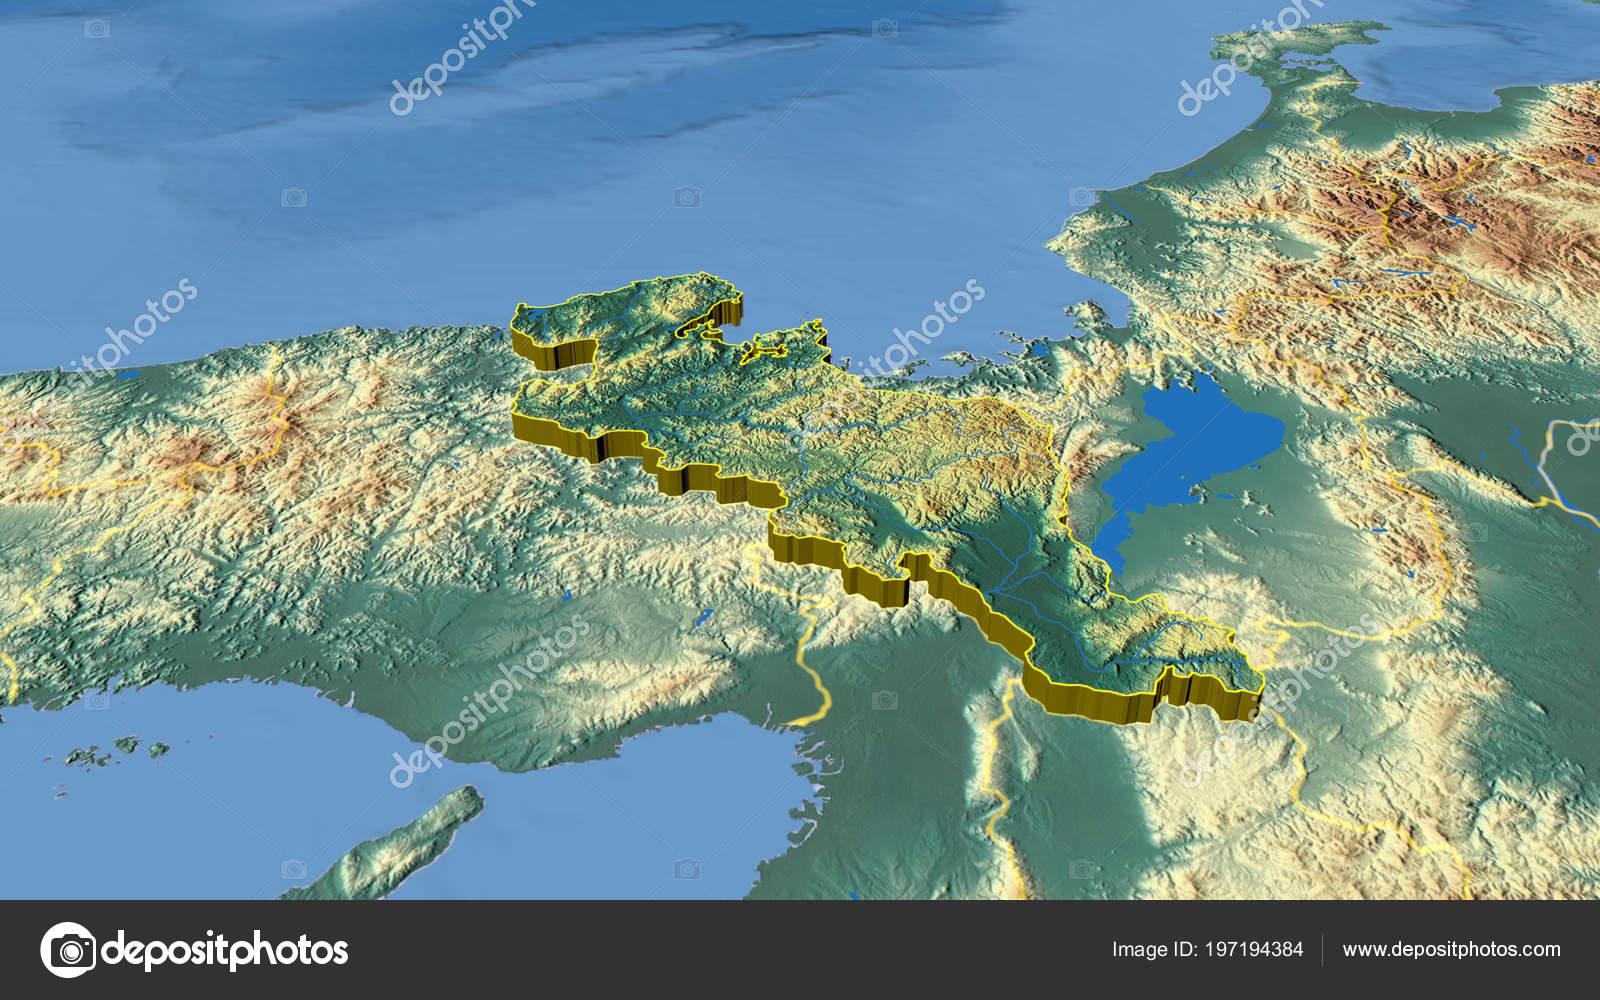 Japan Karte Physisch.Kyoto Extrudiert Region Japans Physische Karte Der Farbe Stockfoto